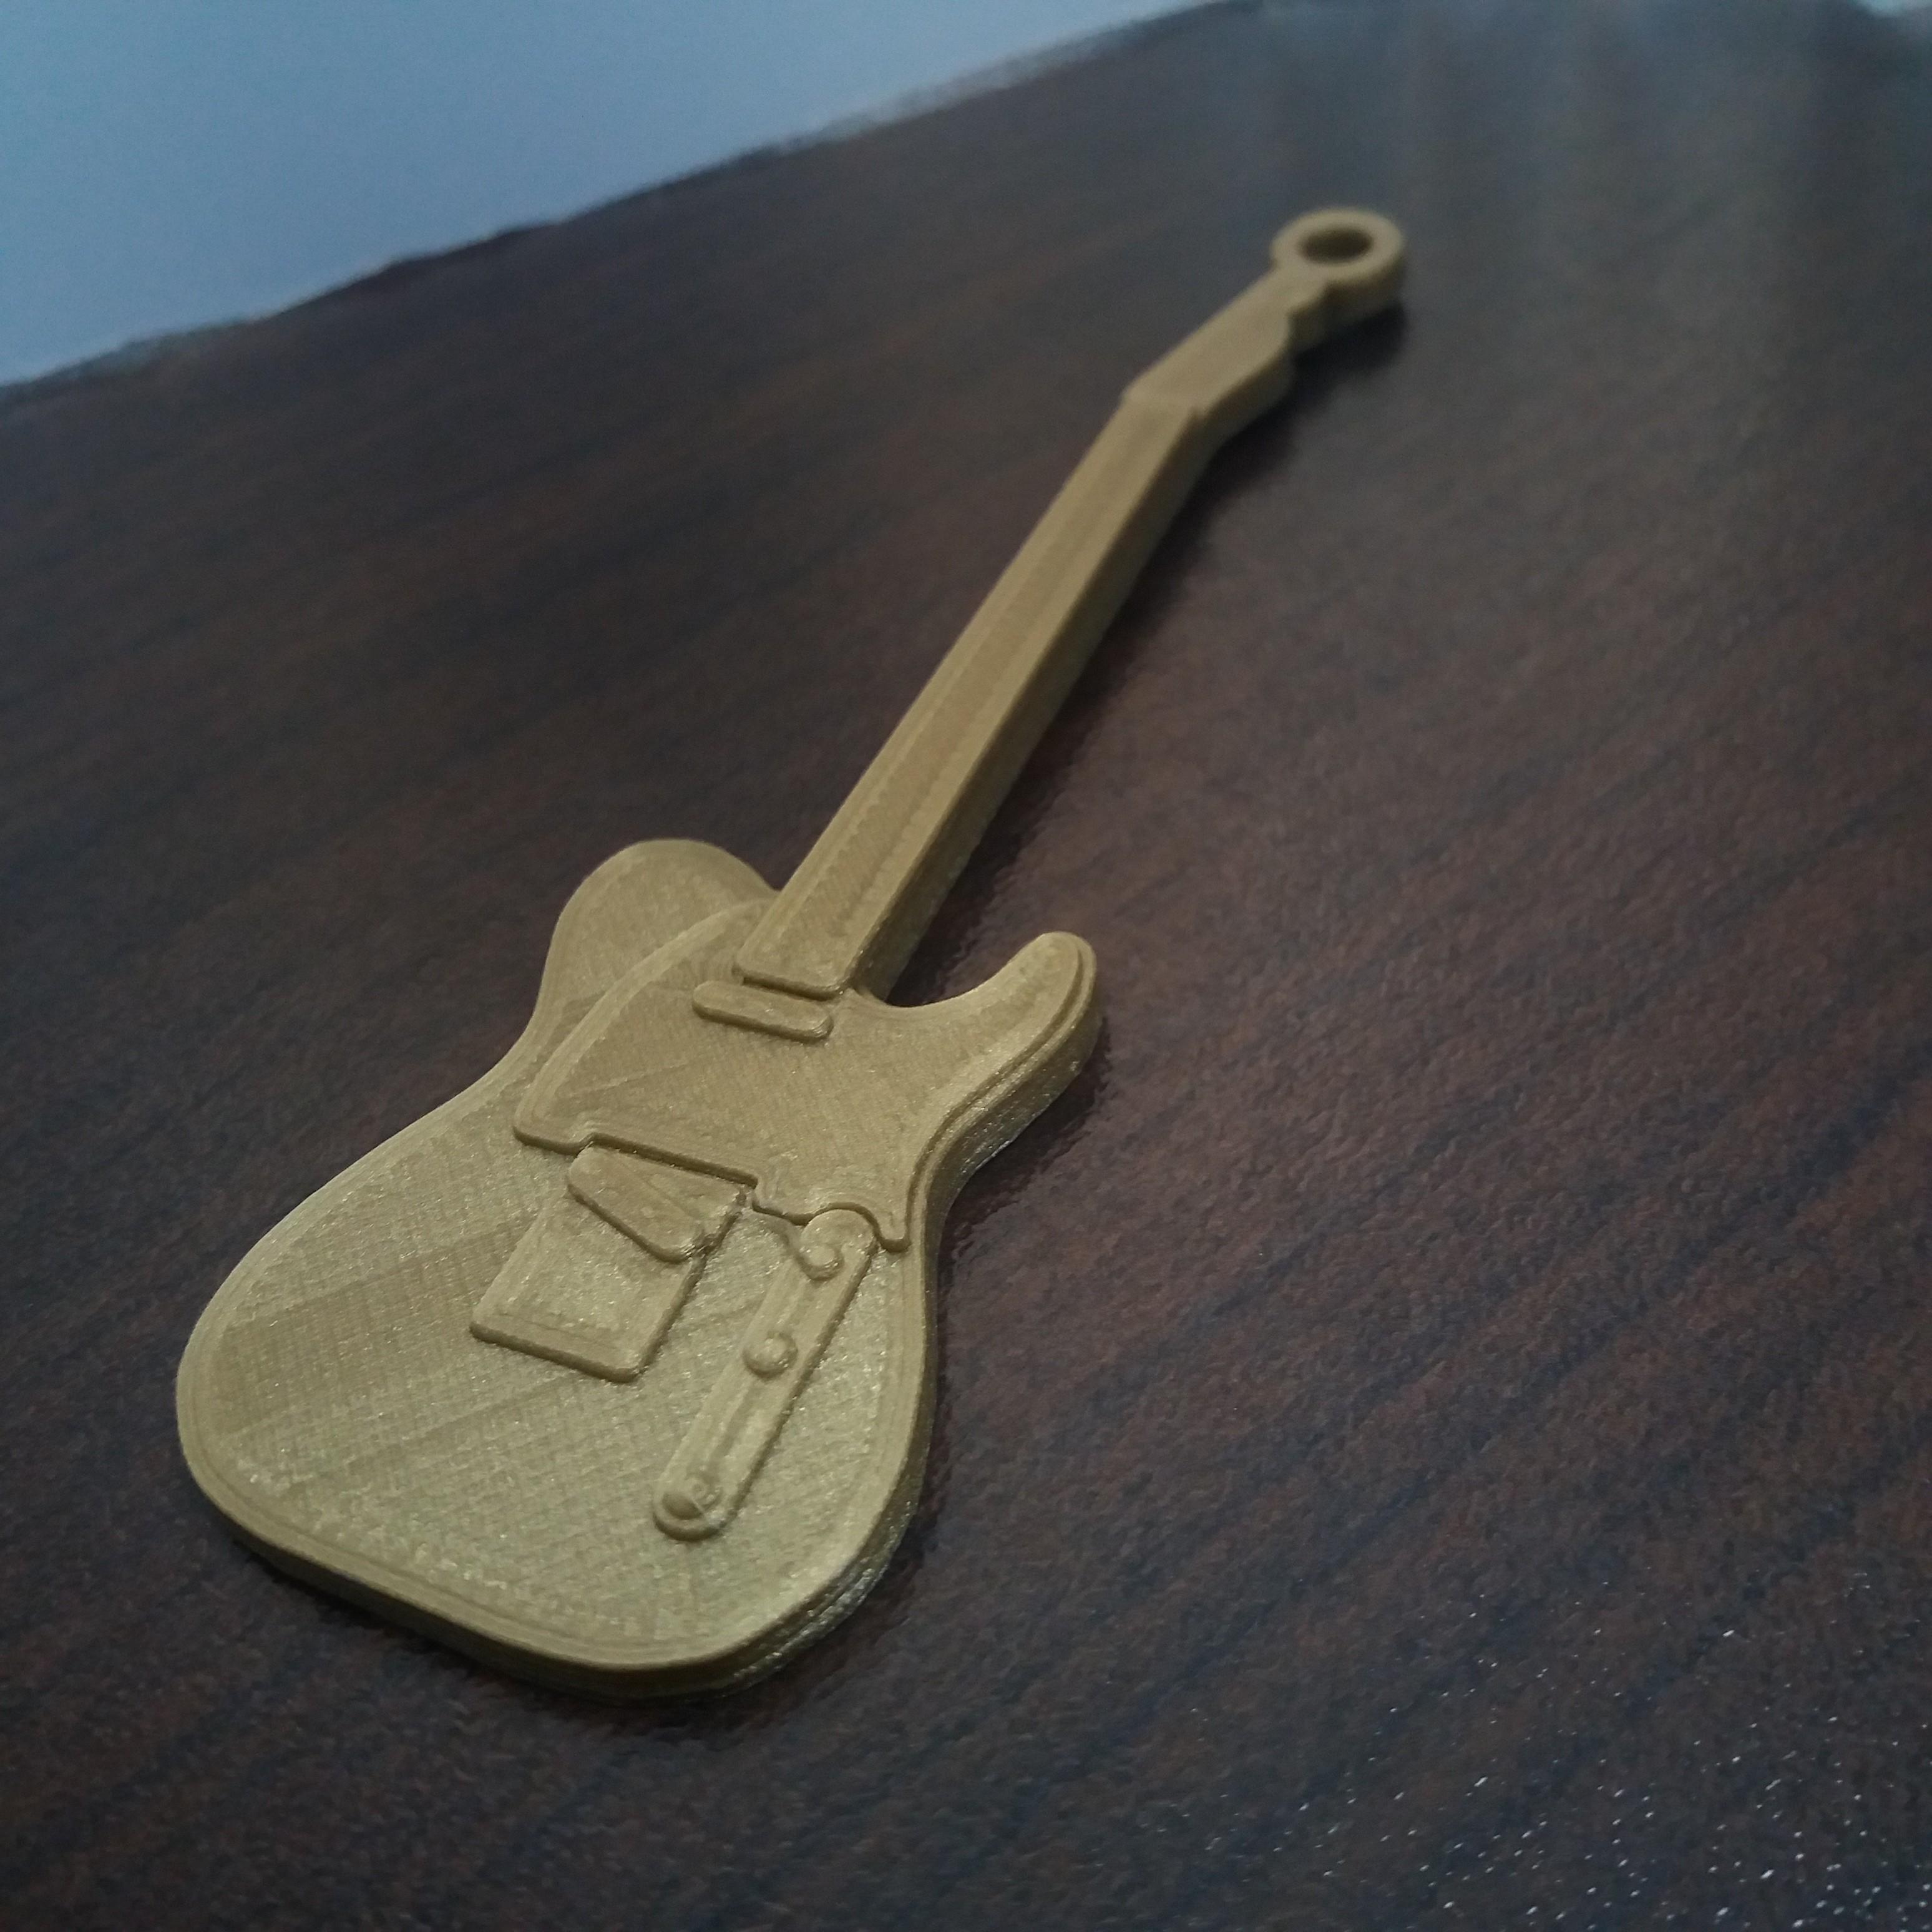 20171118_092454.jpg Download free STL file Fender Telecaster Guitar • 3D printer object, gerbat